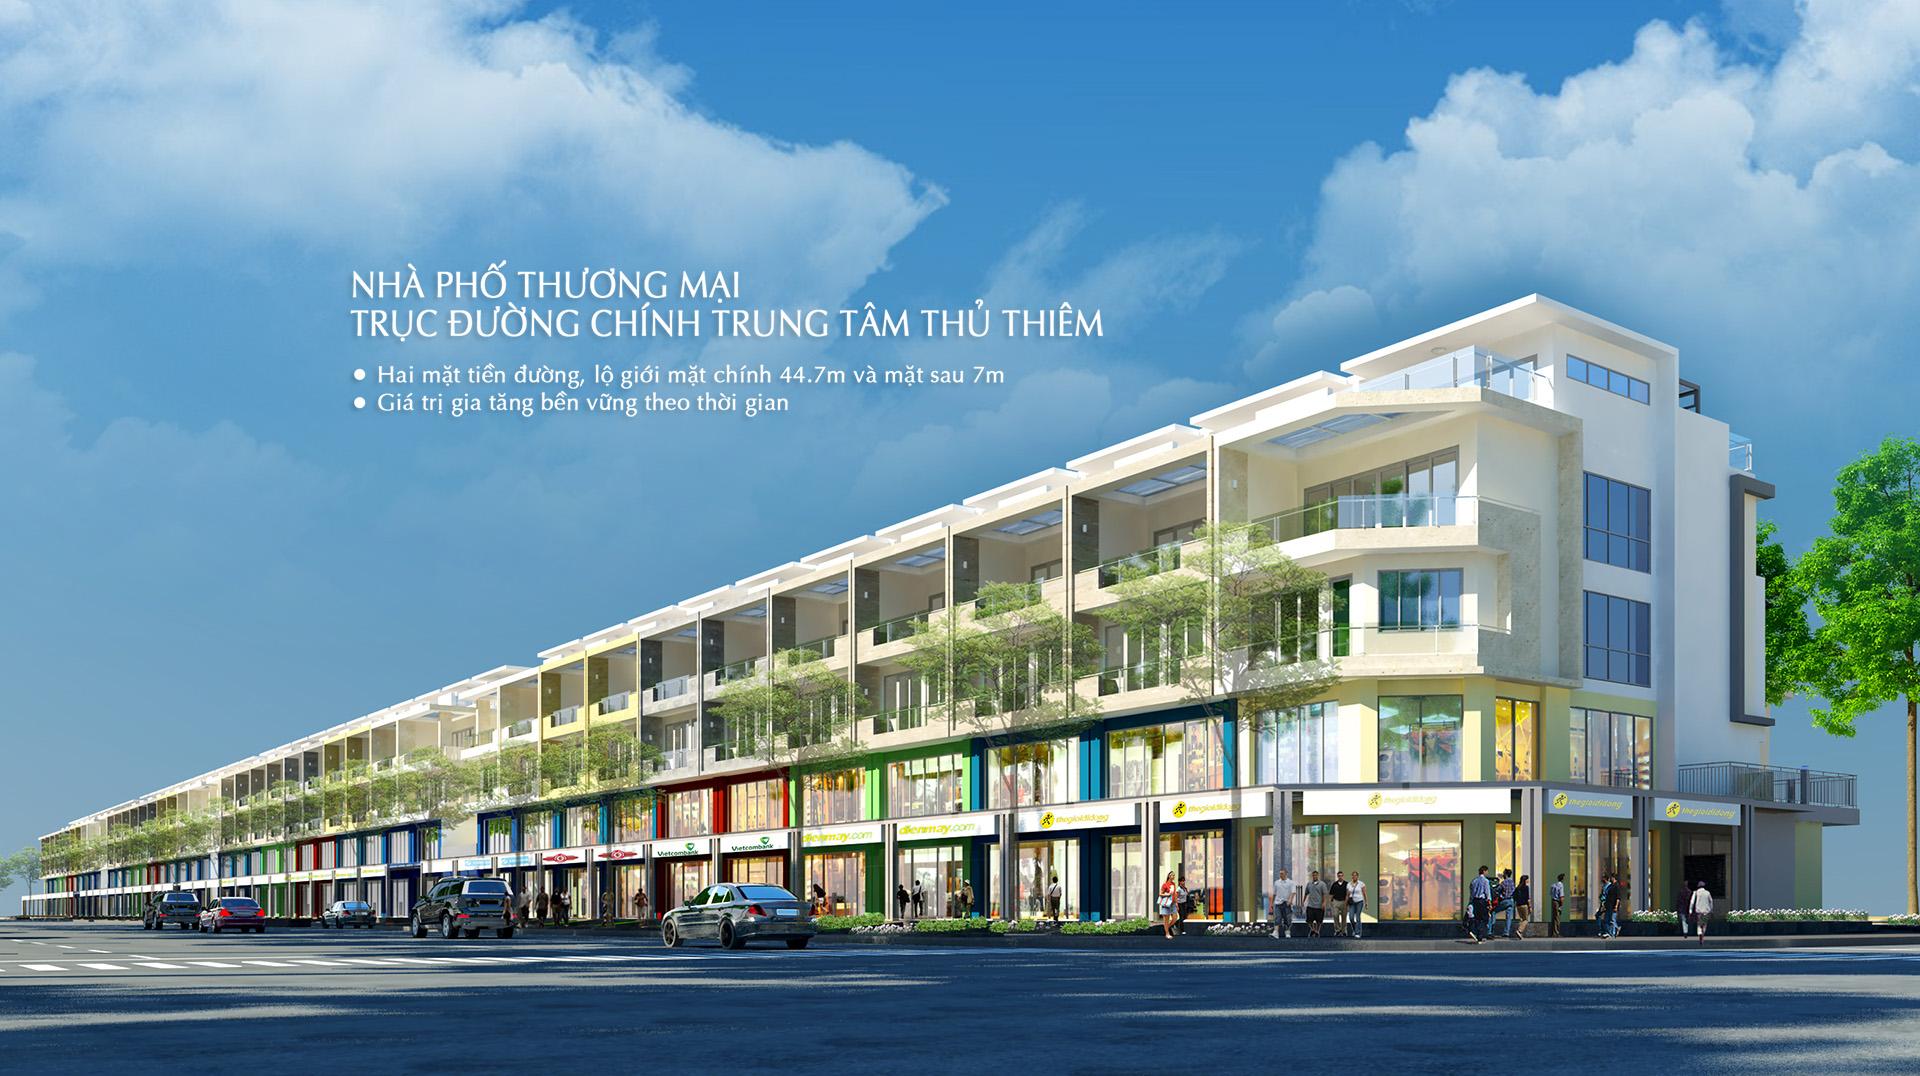 Khu đô thị Sala Đại Quang Minh quận 2 – Nơi hội tụ những giá trị tinh hoa cuộc sống 1